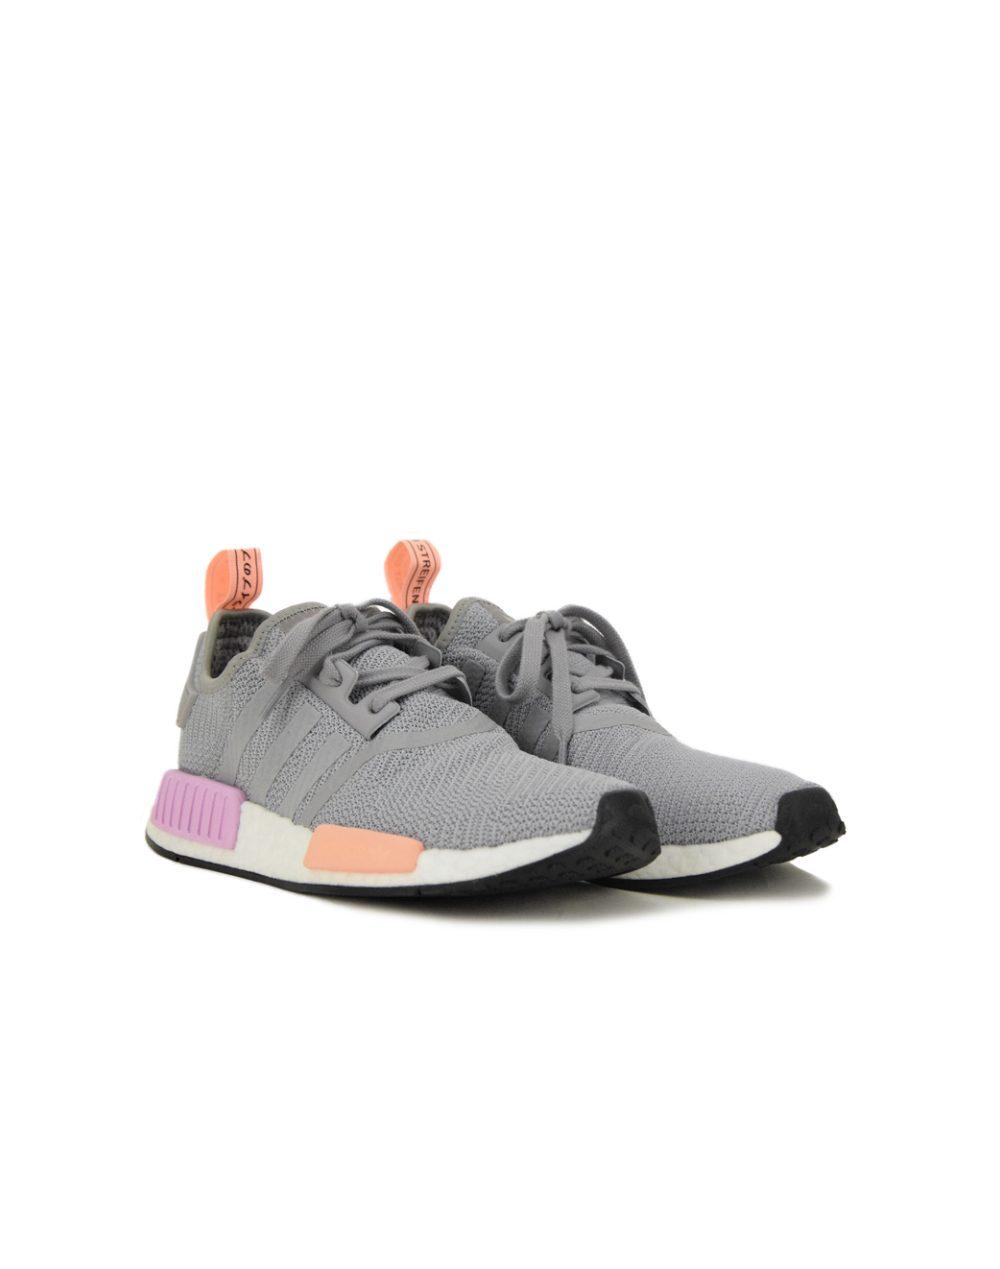 newest a53fe 555ef Adidas NMD_R1 W Grey (B37647) | Eleven